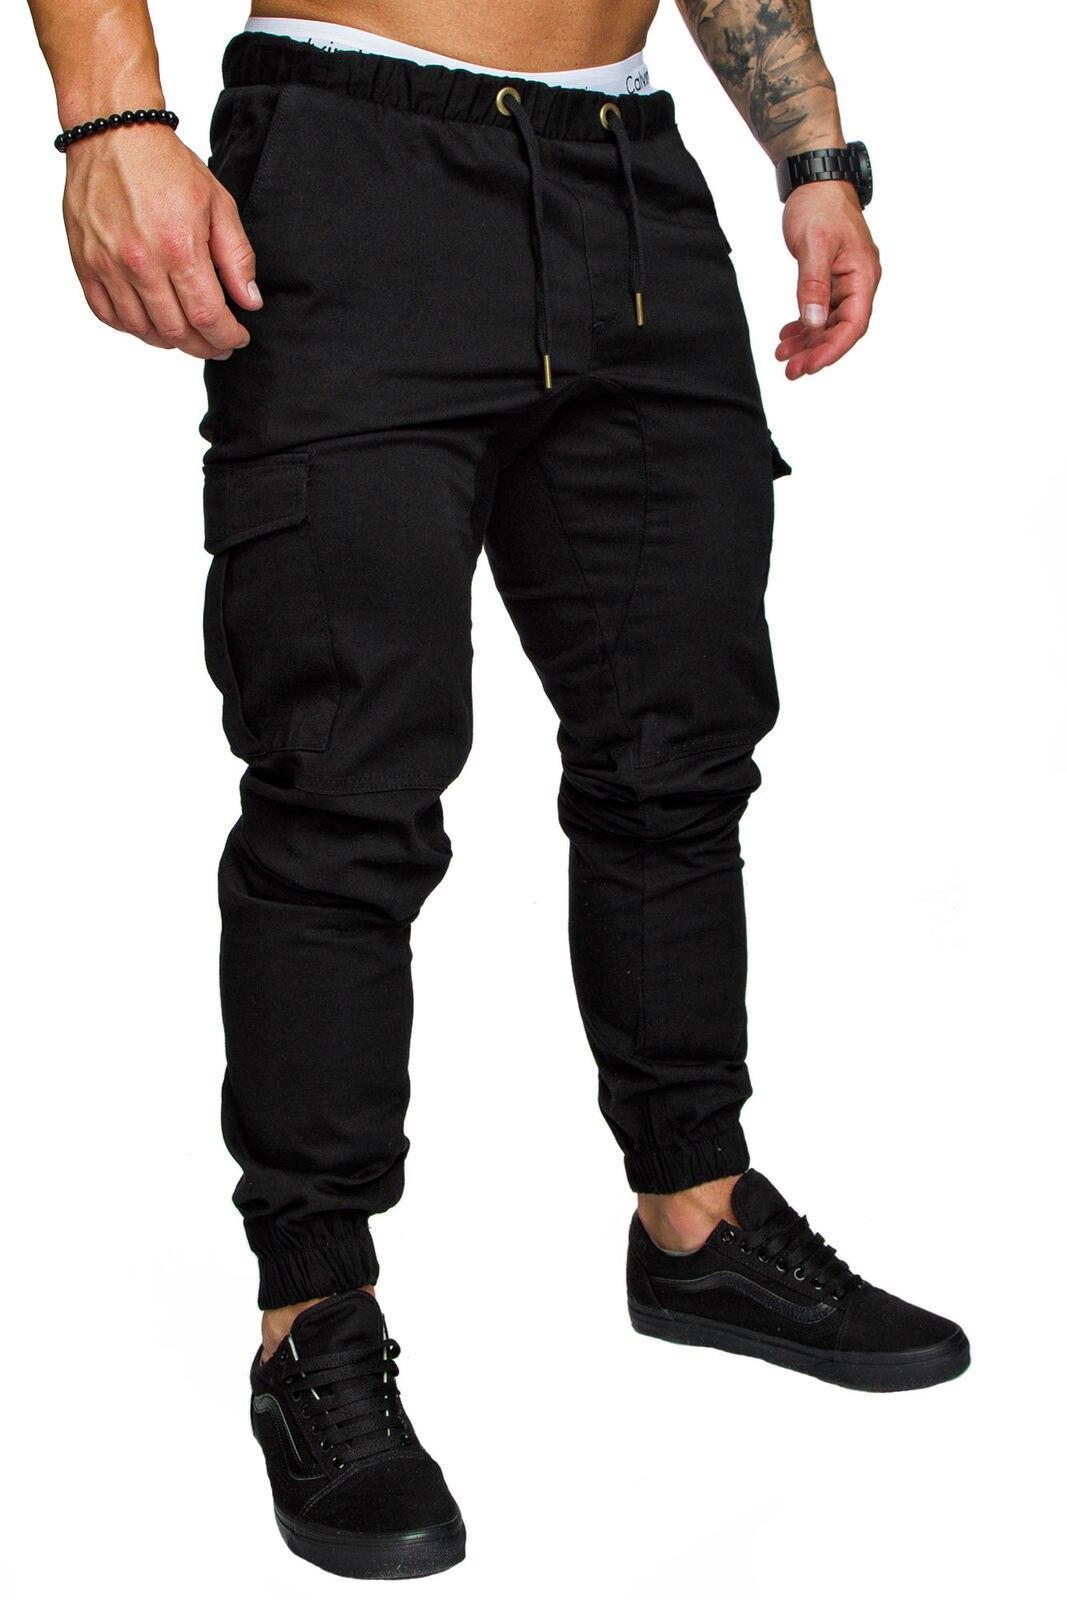 Брюки мужские спортивные, повседневные штаны для бега и фитнеса, облегающие тренировочные штаны, спортивная одежда, черный цвет